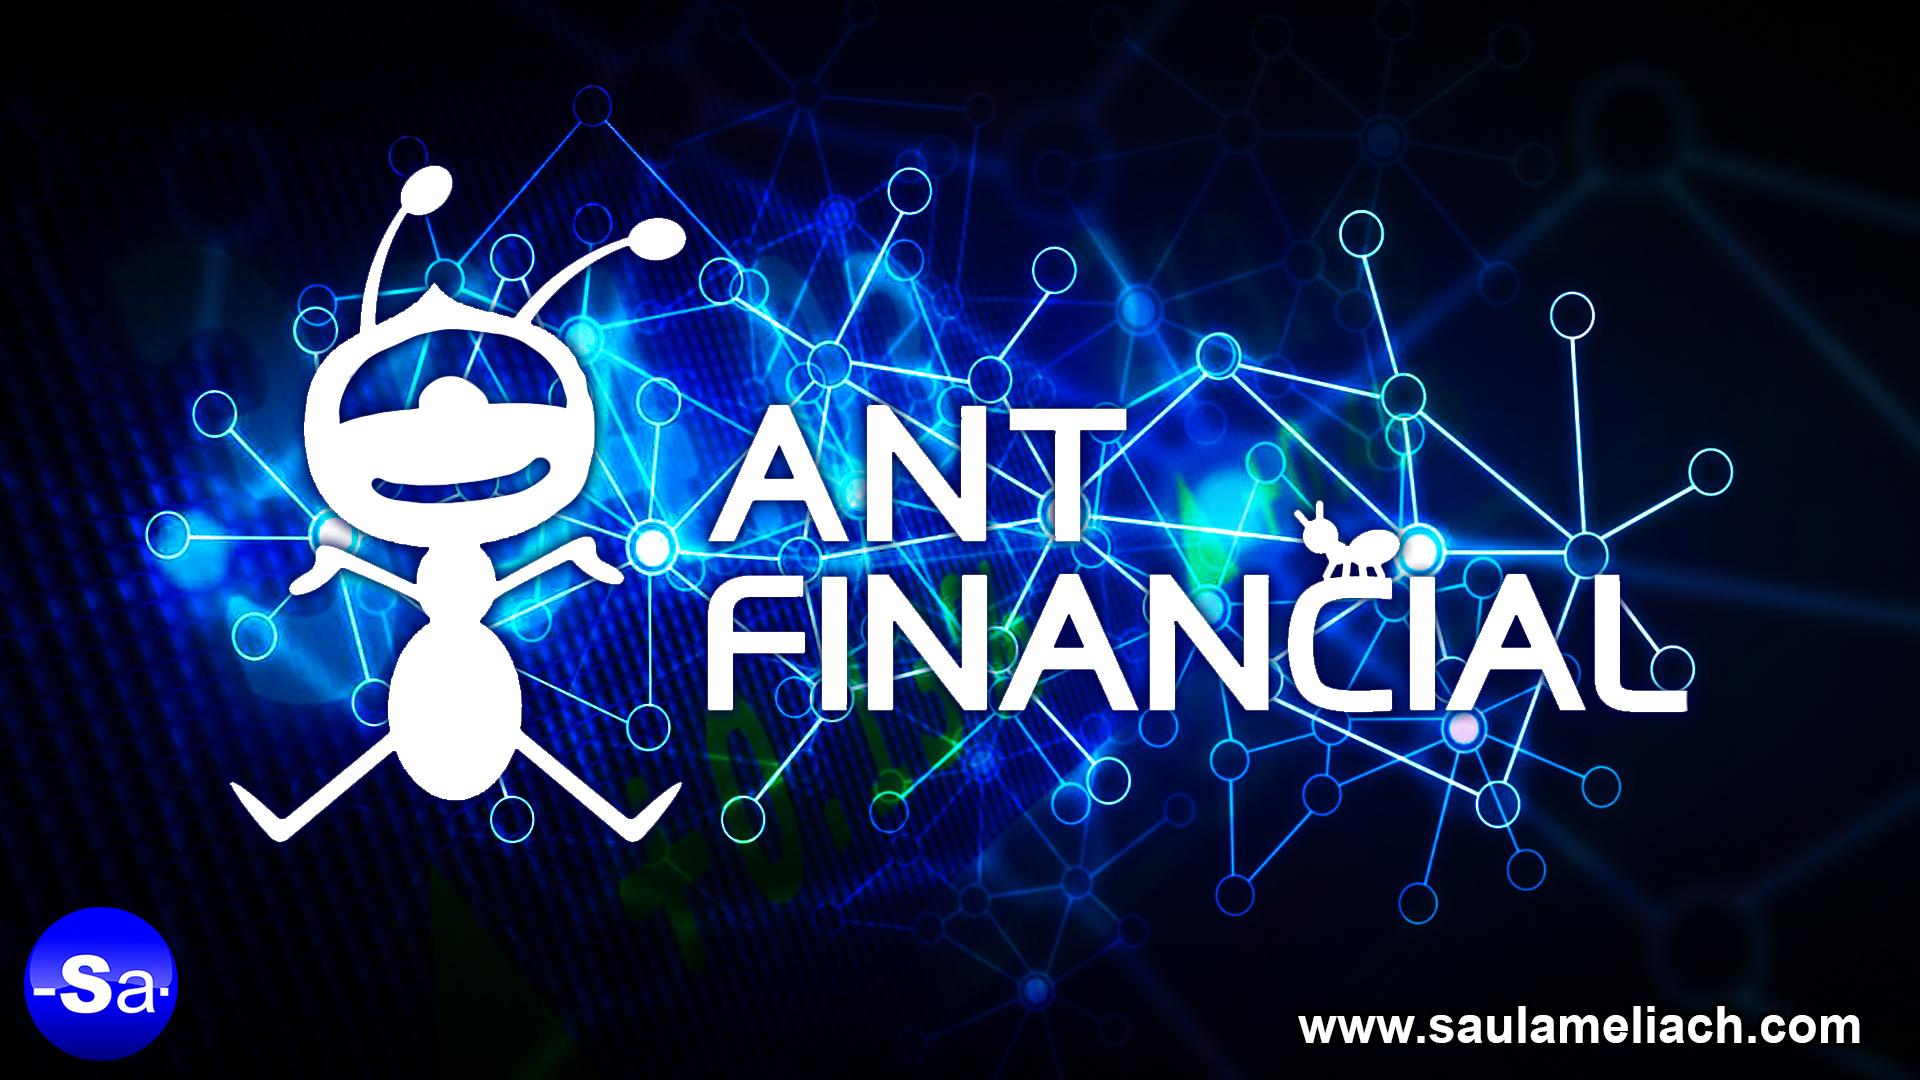 Saul Ameliach - Ant Financial lanzará una plataforma BaaS de Blockchain